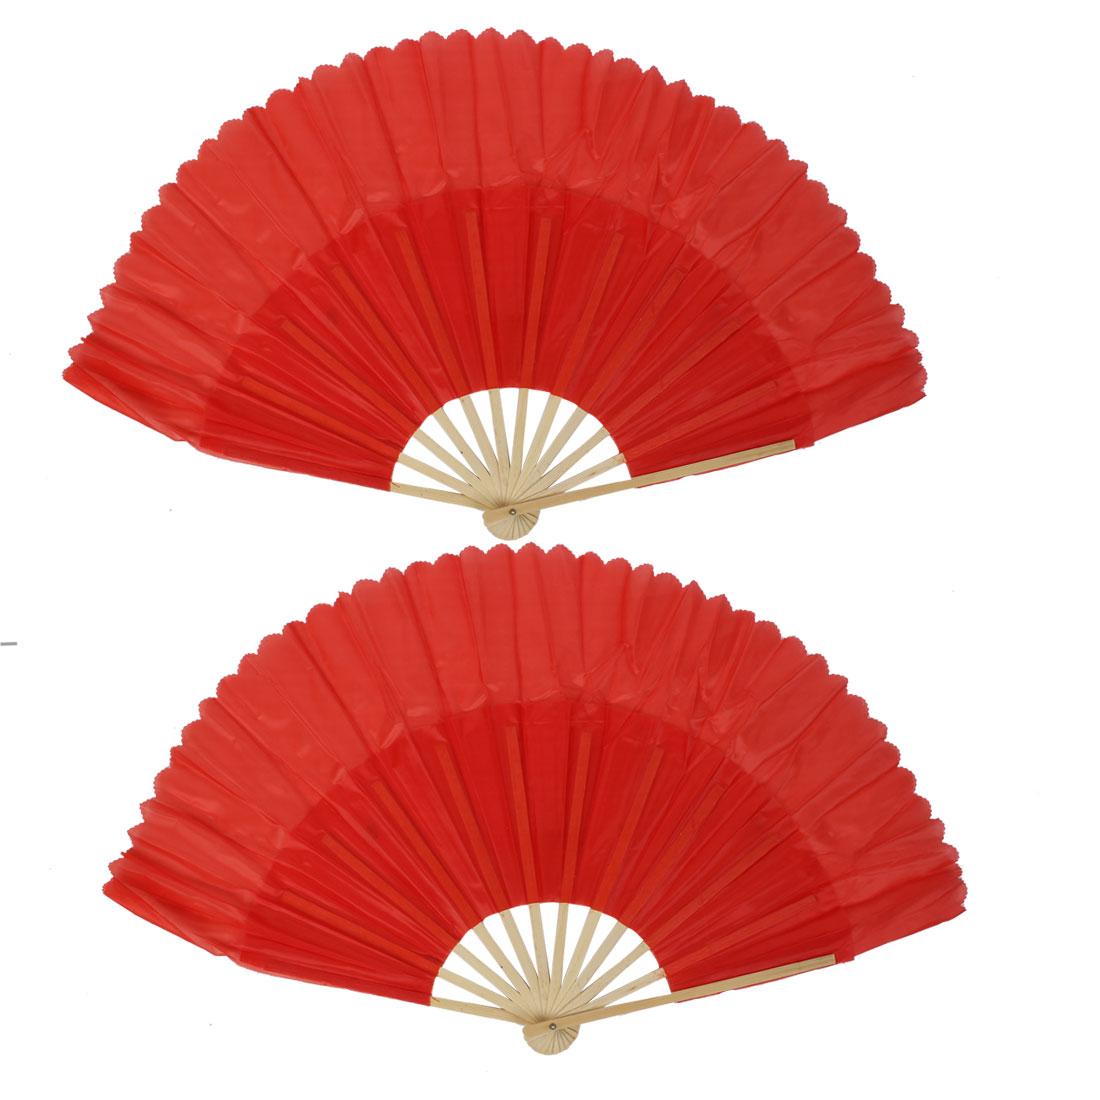 2pcs Bamboo Fabric Wedding Party Folding Dancing Hand Fan Red